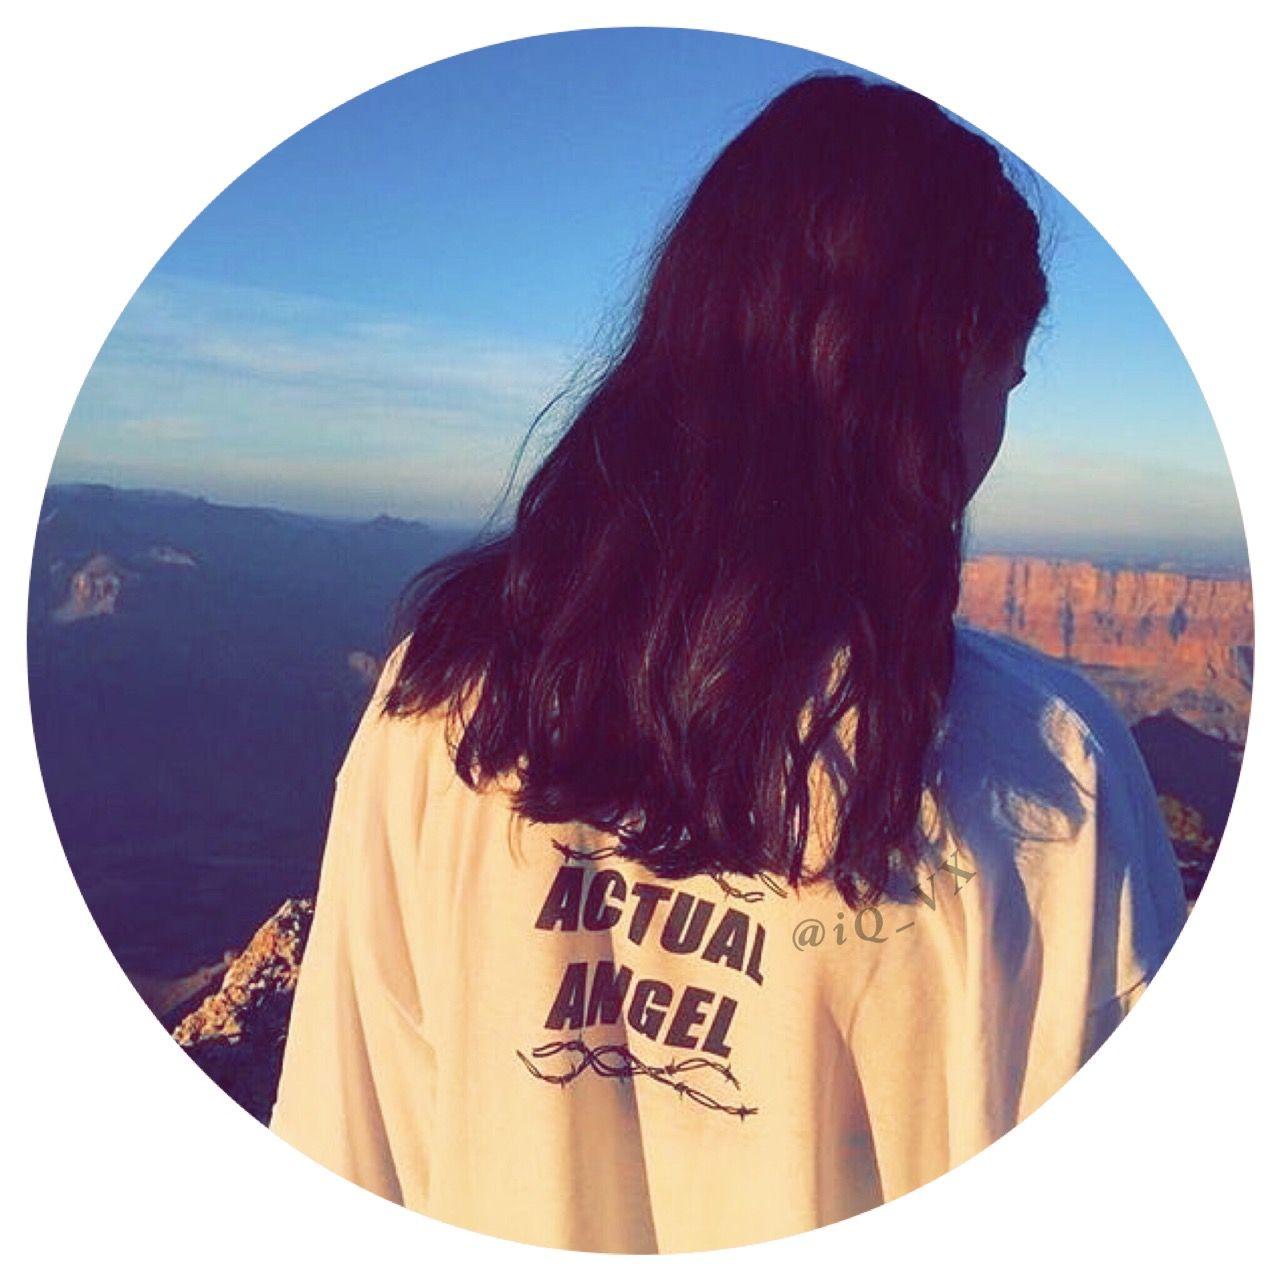 بنات صور جميلات سناب جات صور بنات رمزيات بنات رمزيات صور سناب Profile Picture For Girls Girl Icons Profile Picture